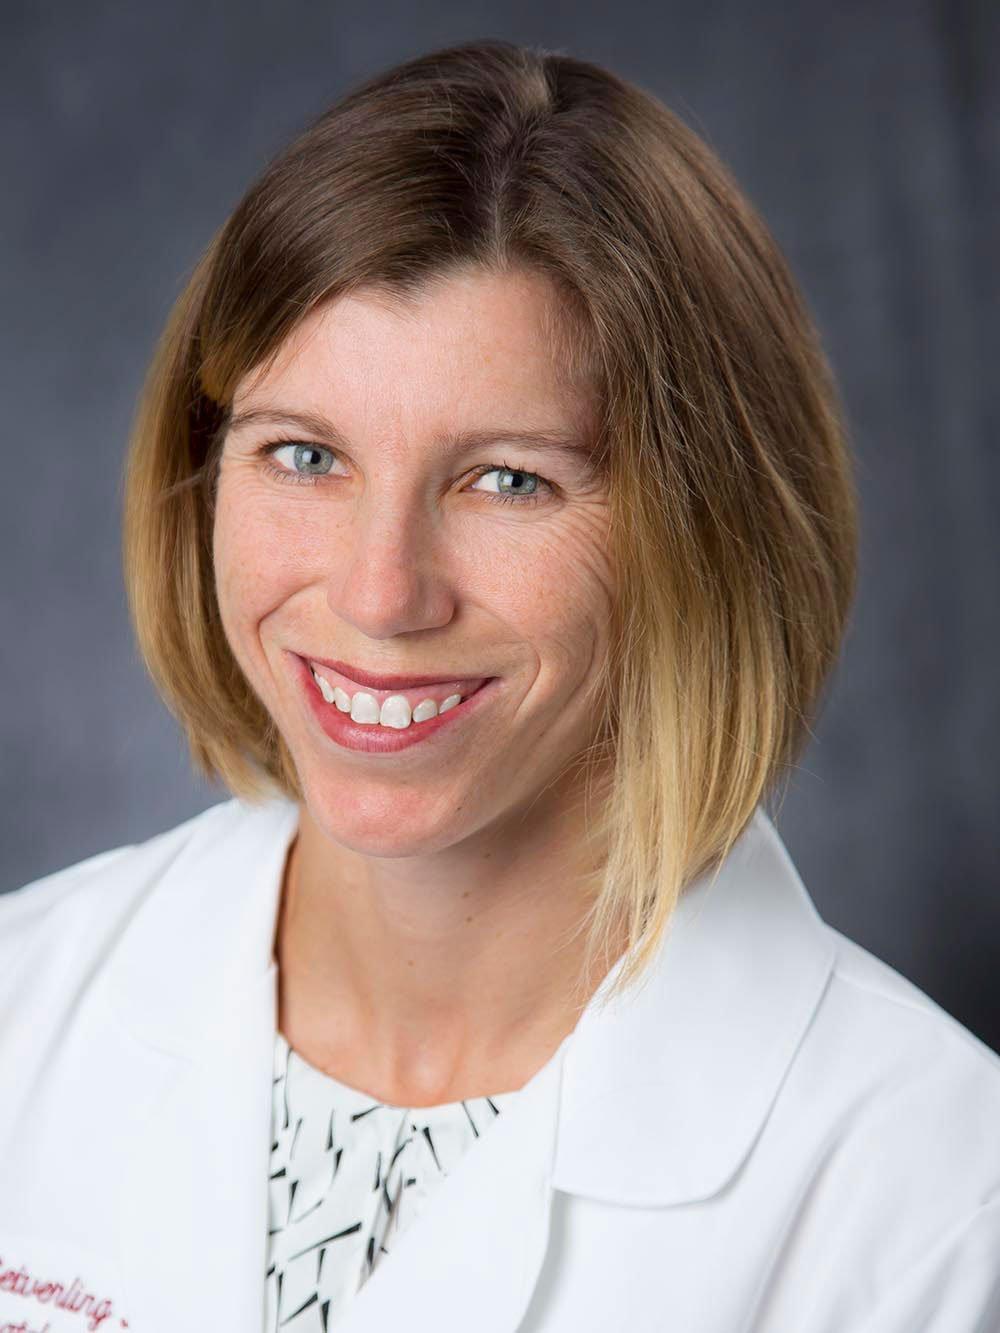 Elizabeth V. Seiverling, MD